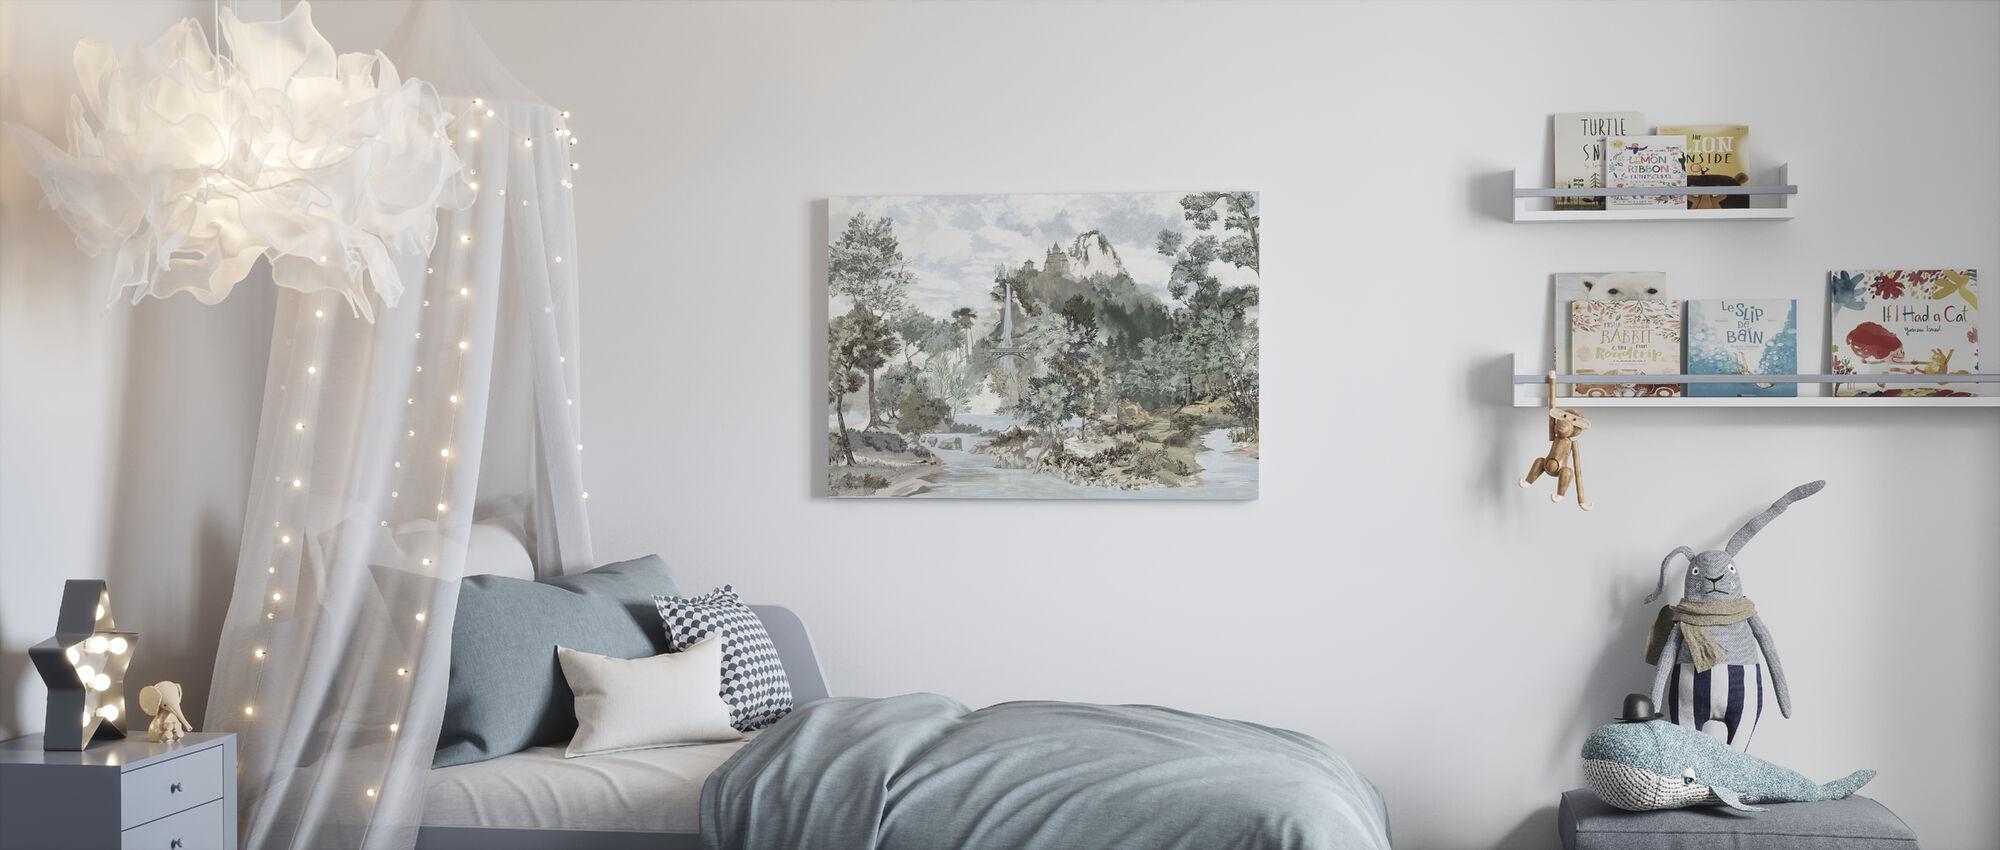 Fairytale Scenery - Canvas print - Kids Room